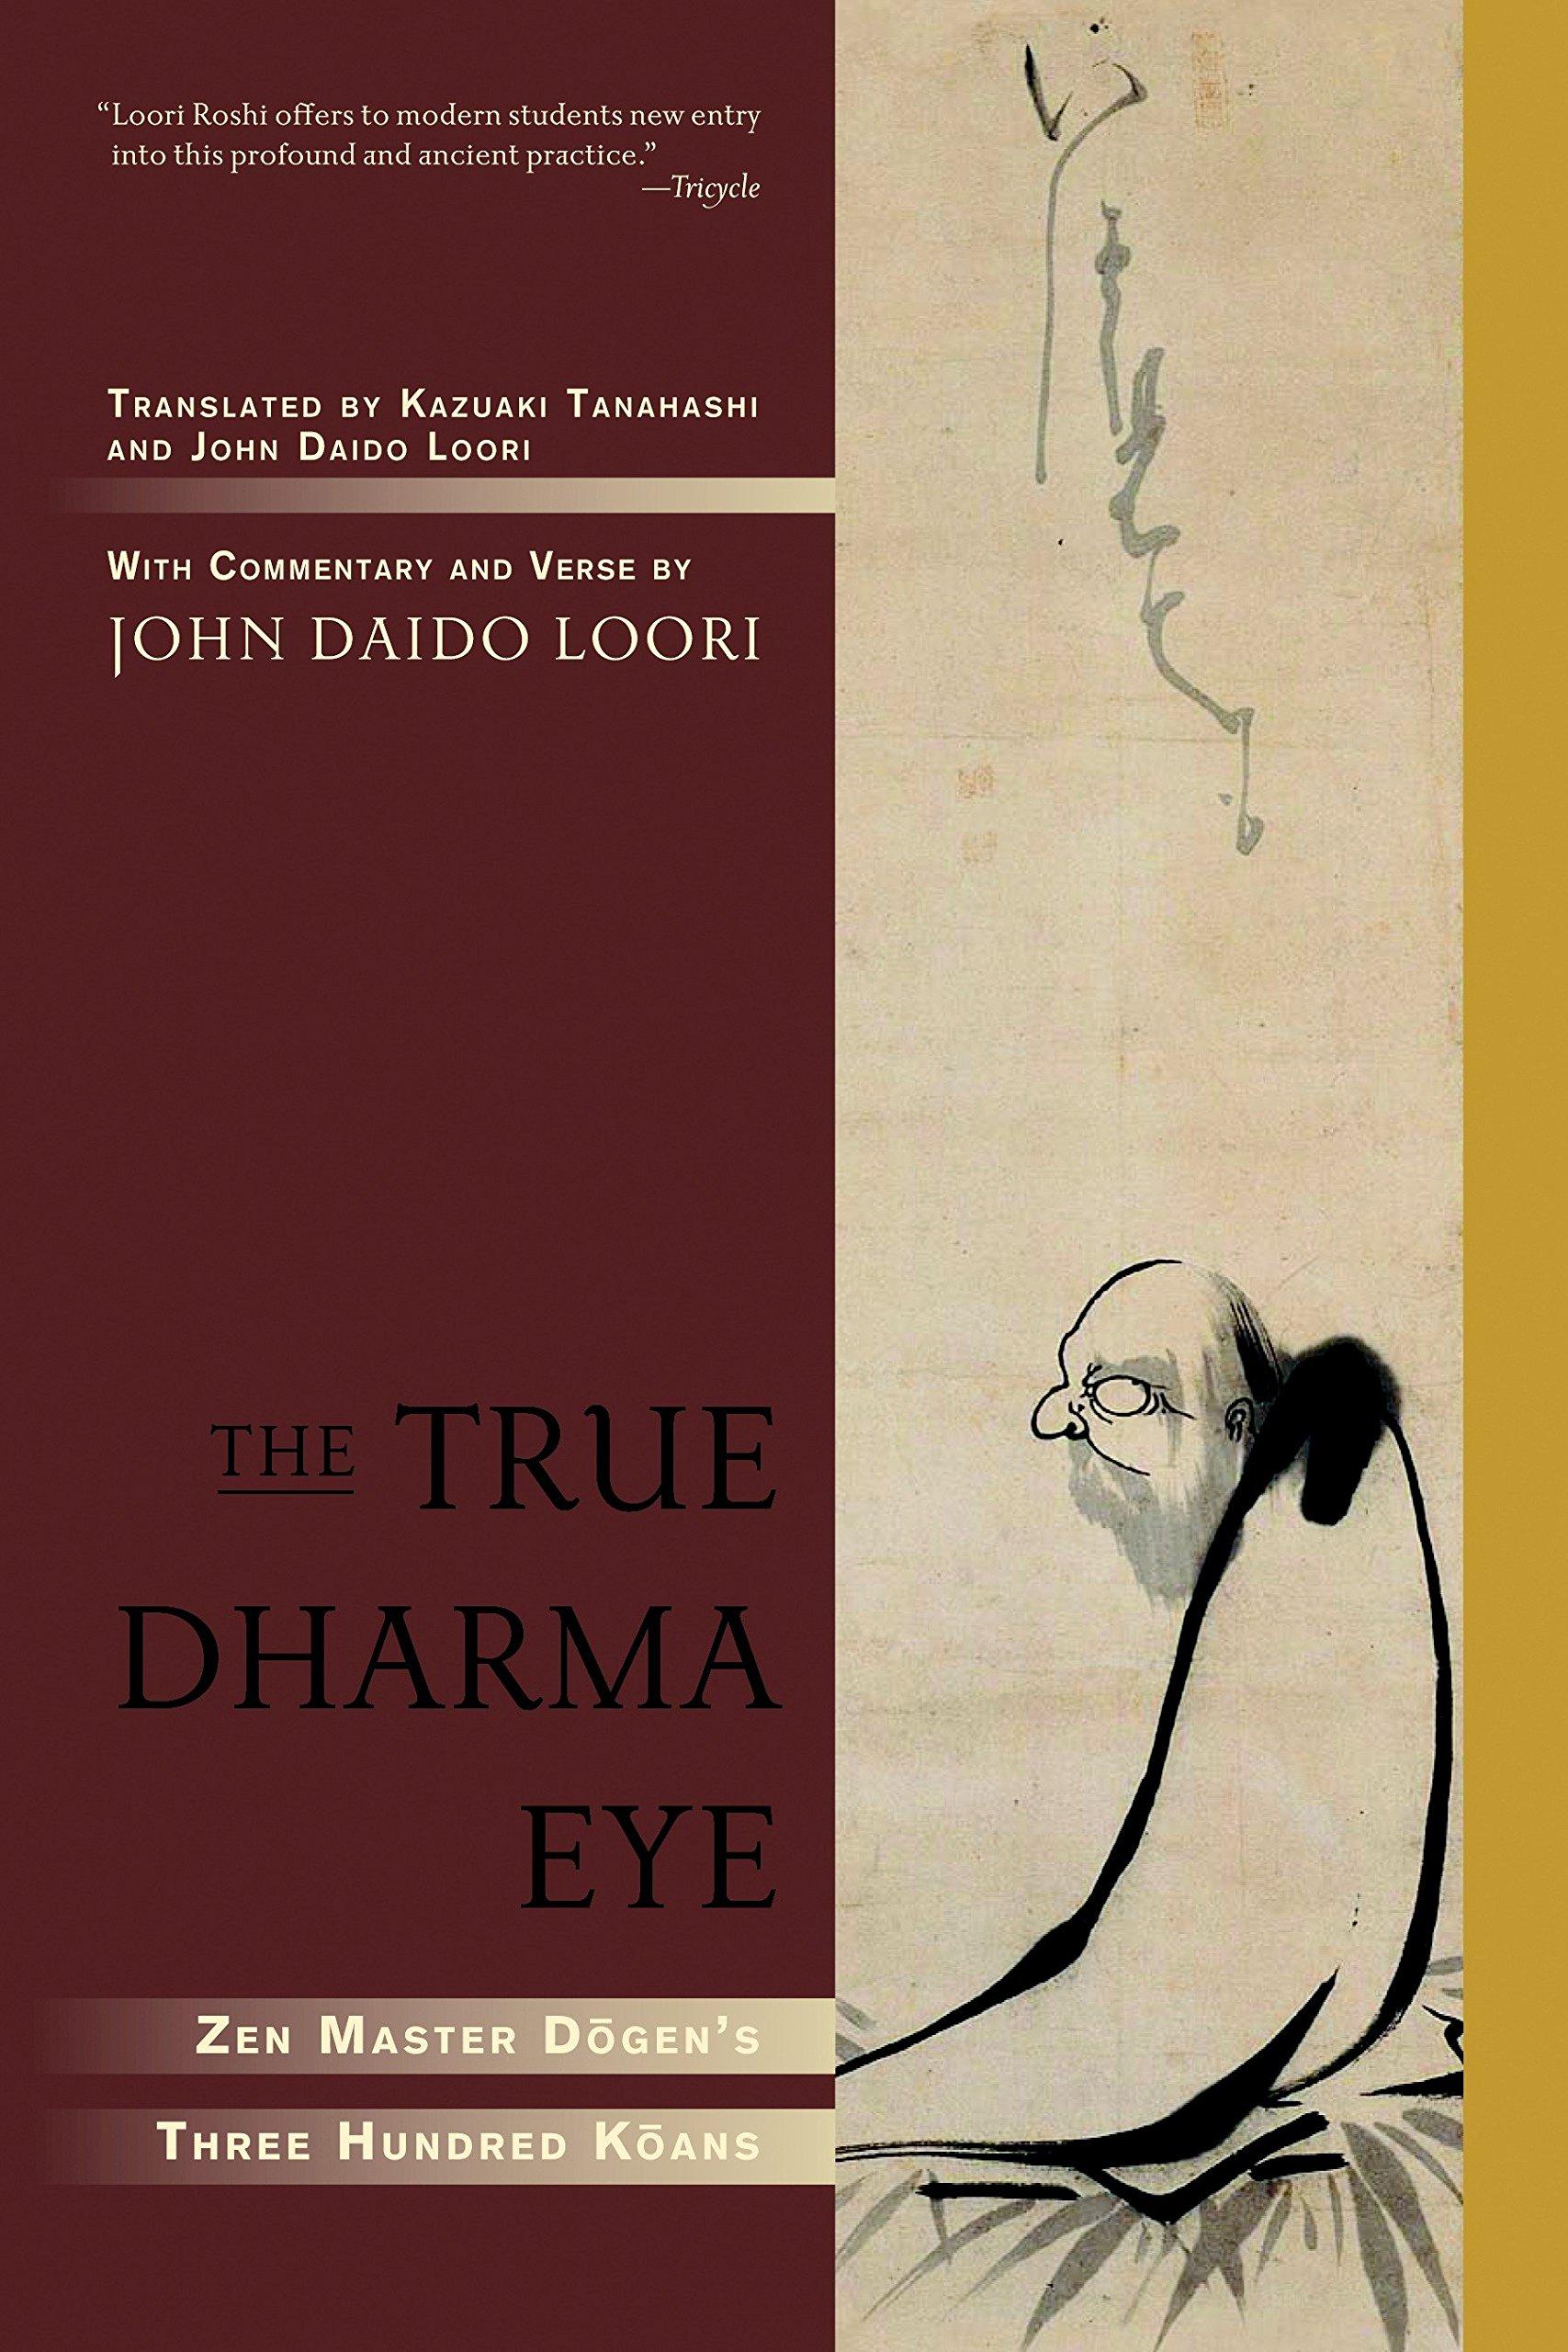 Zen Master Dogen's Three Hundred Koans